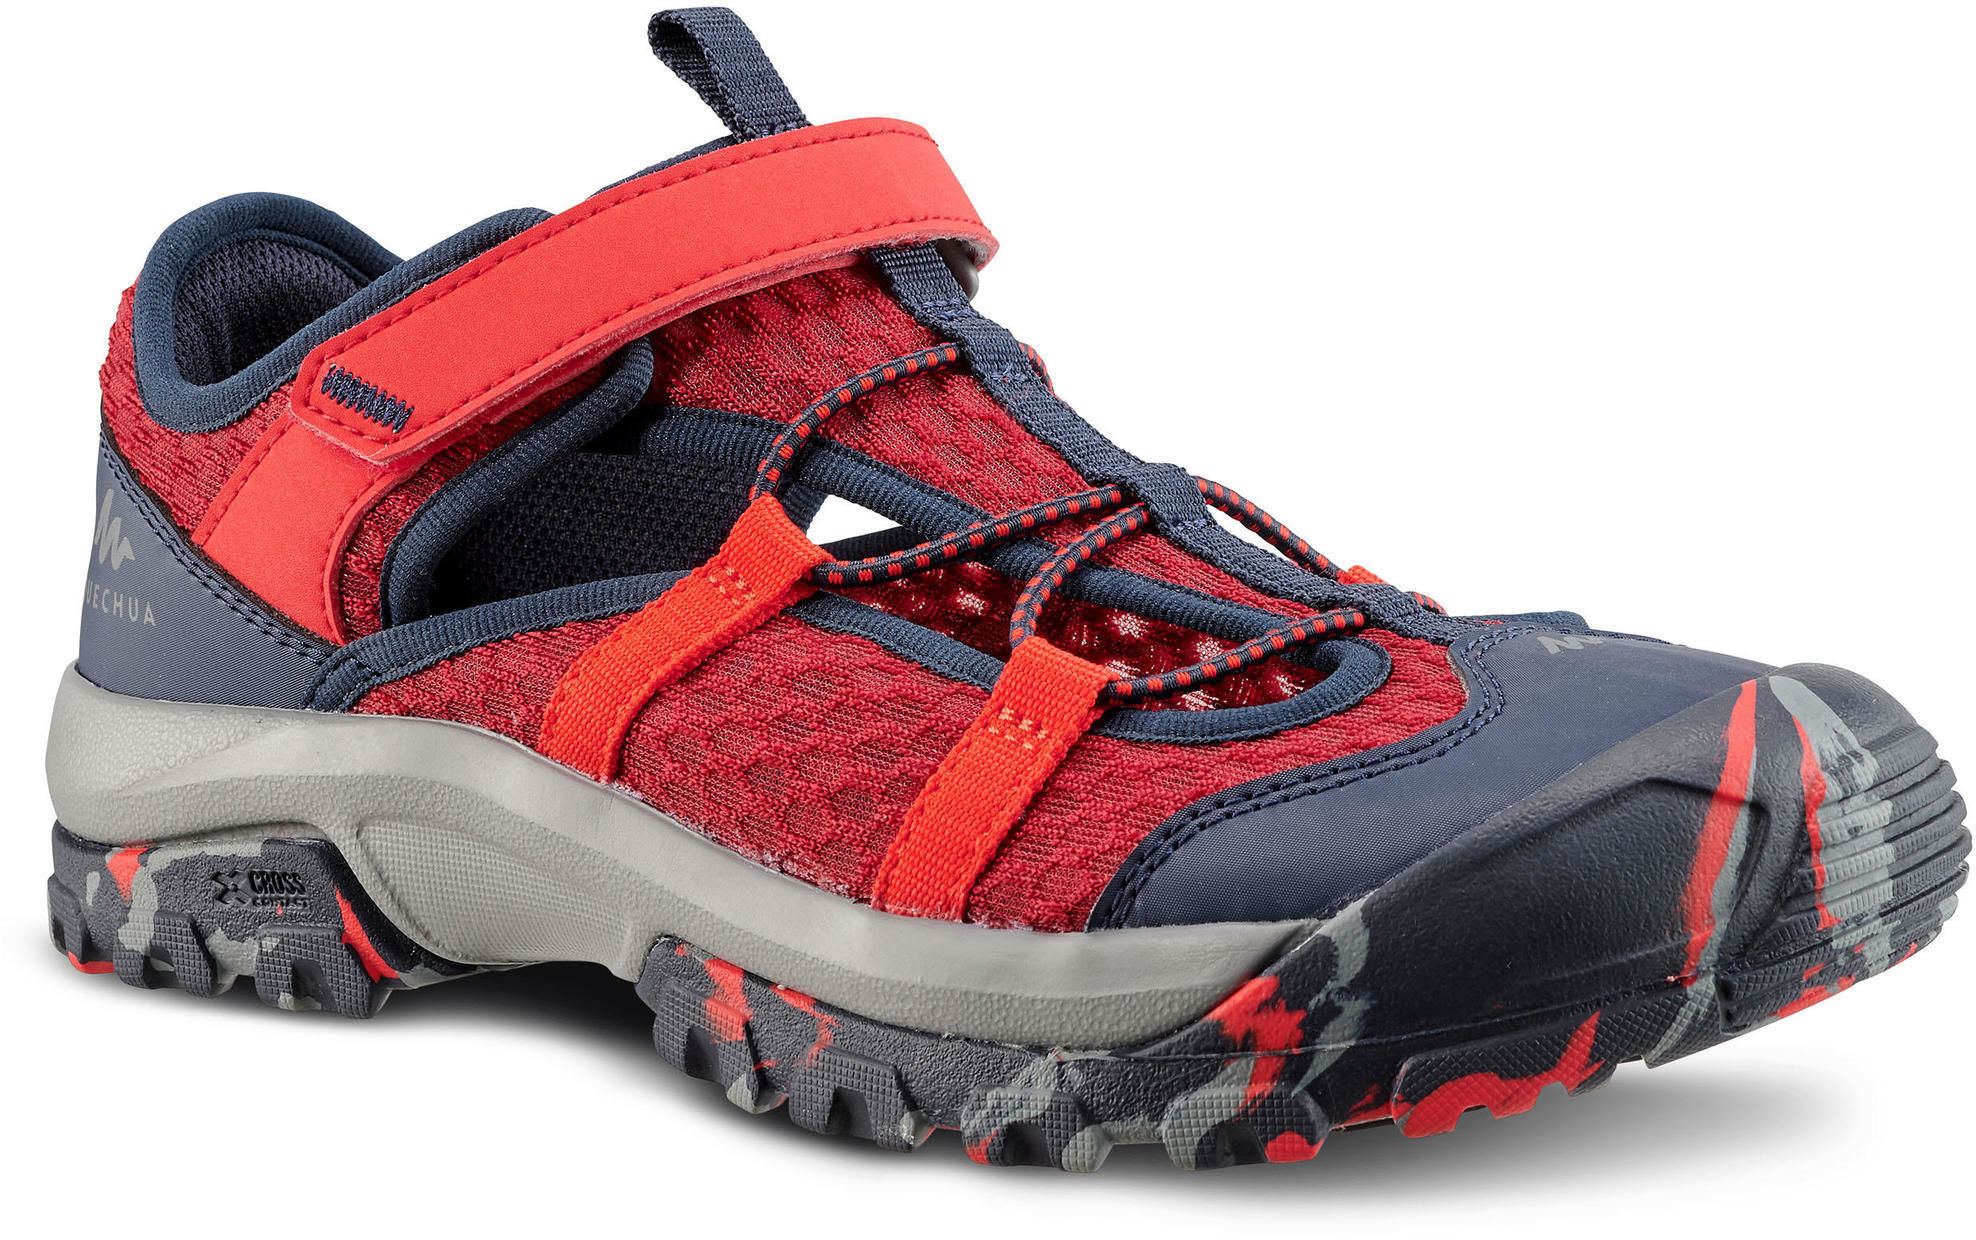 Sandały turystyczne - MH150 TW - dla dzieci